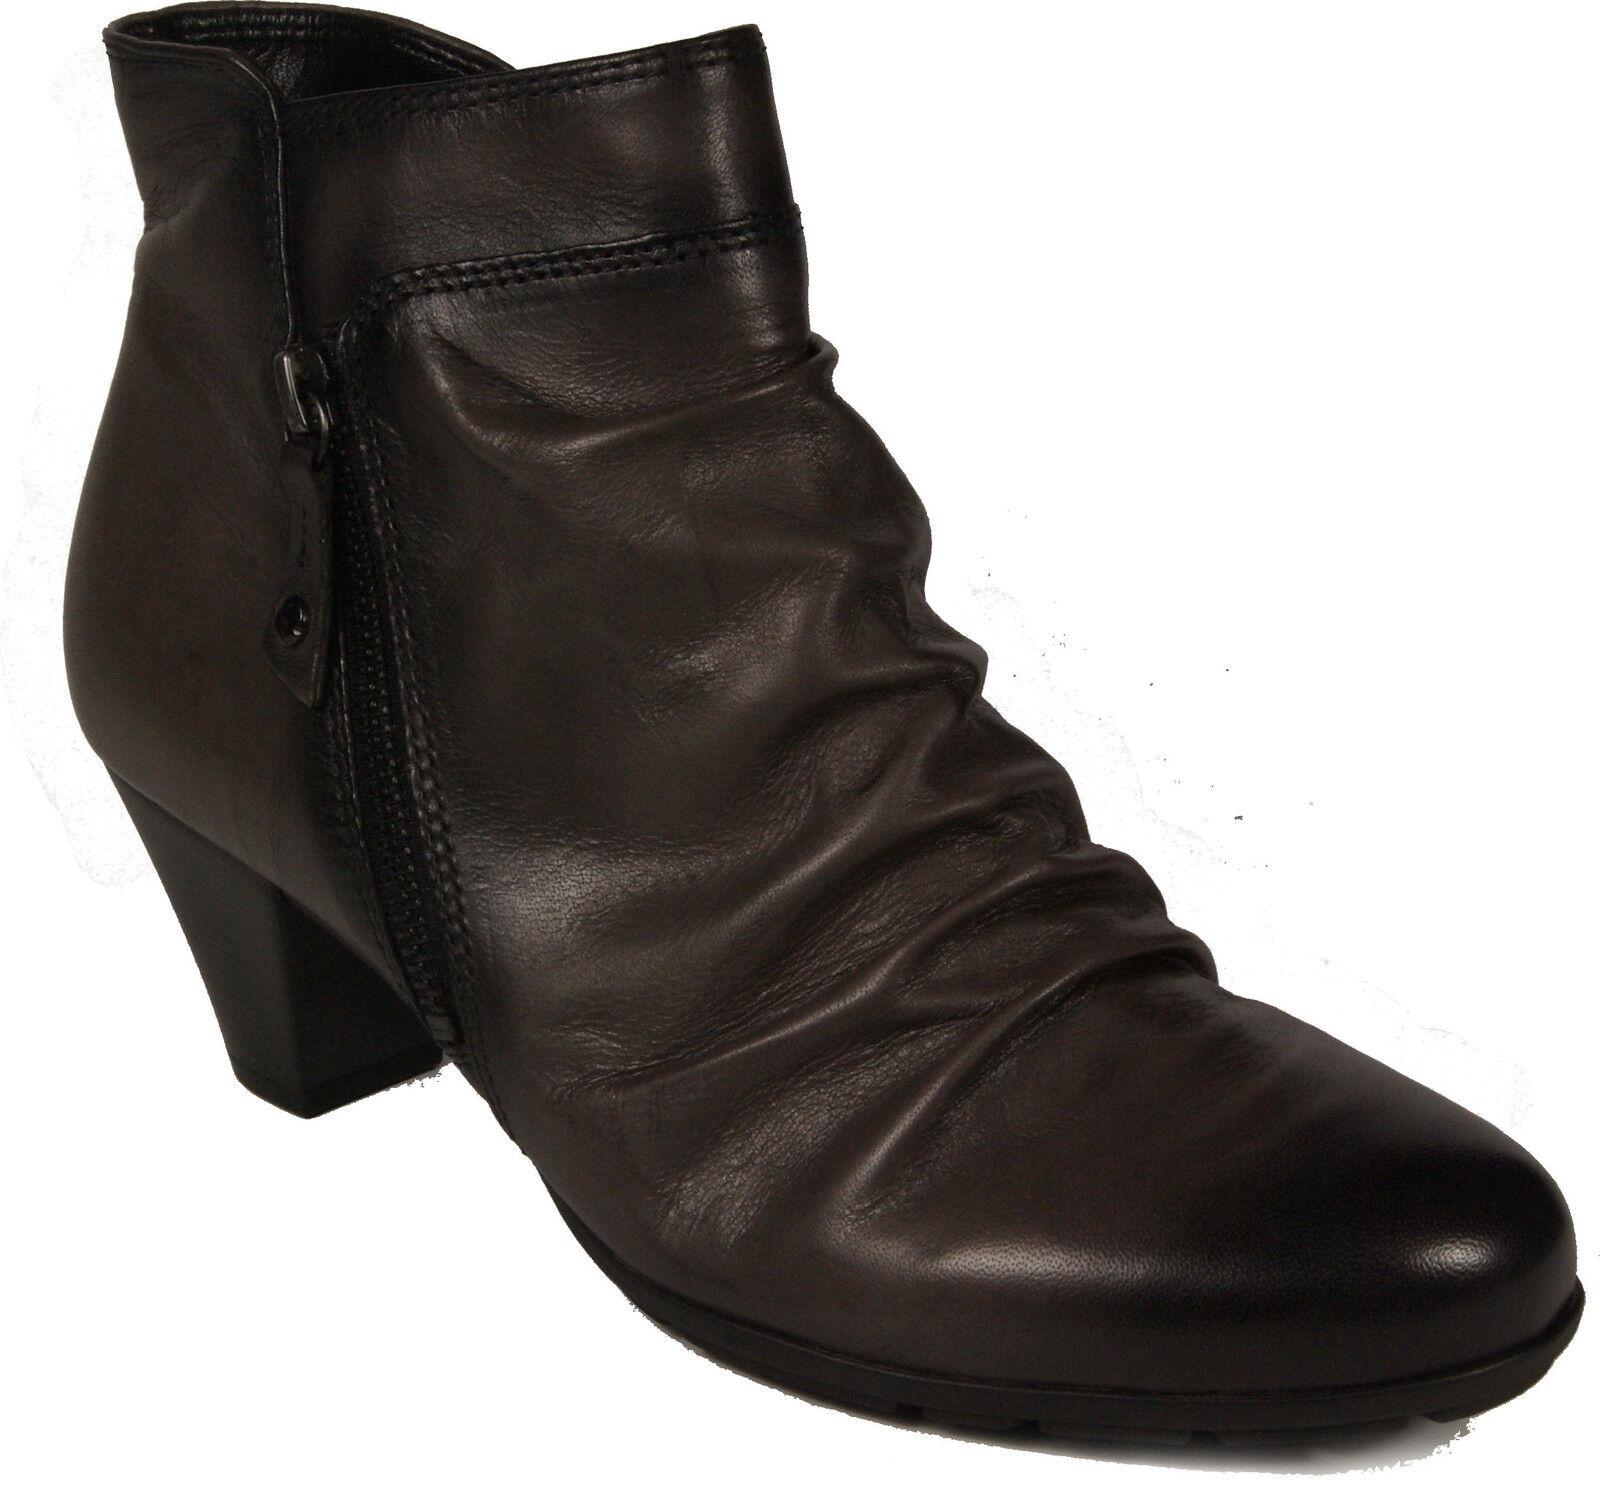 GABOR Schuhe zinn Stiefeletten grau zinn Schuhe Kurzstiefel  NEU 40df84